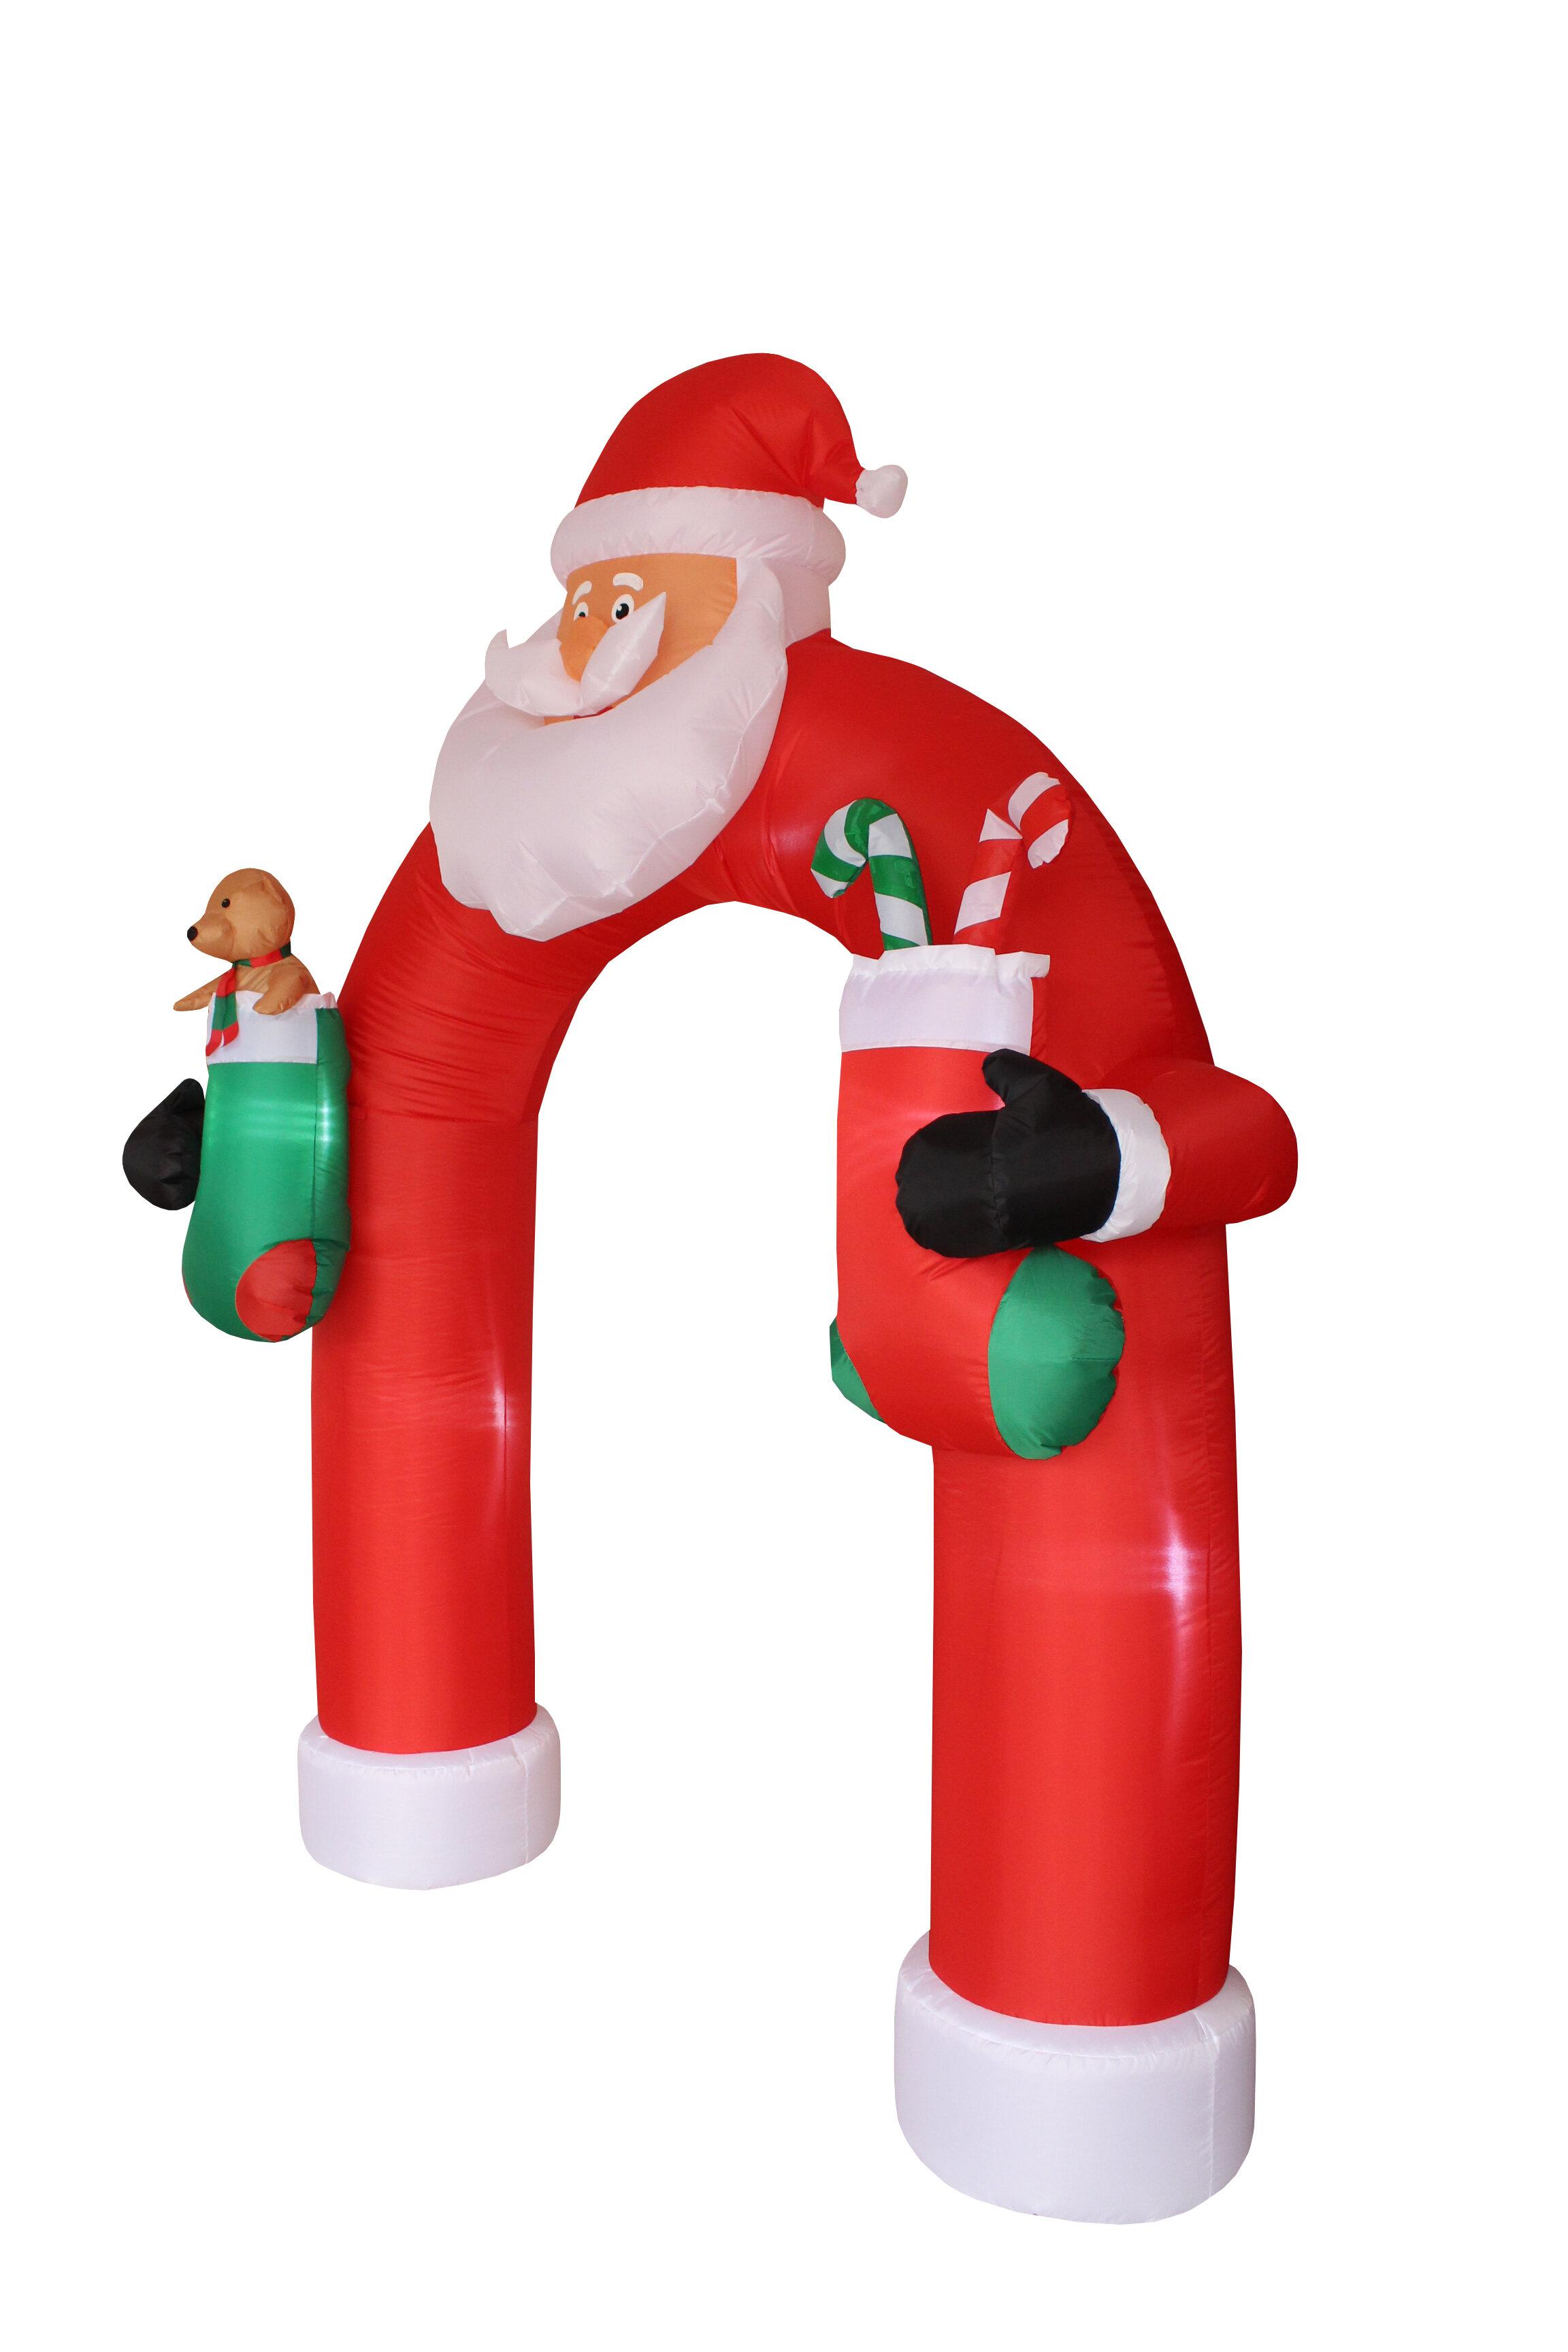 The Holiday Aisle Santa Claus Teddy Bear Sugar Cane Arch Christmas ...